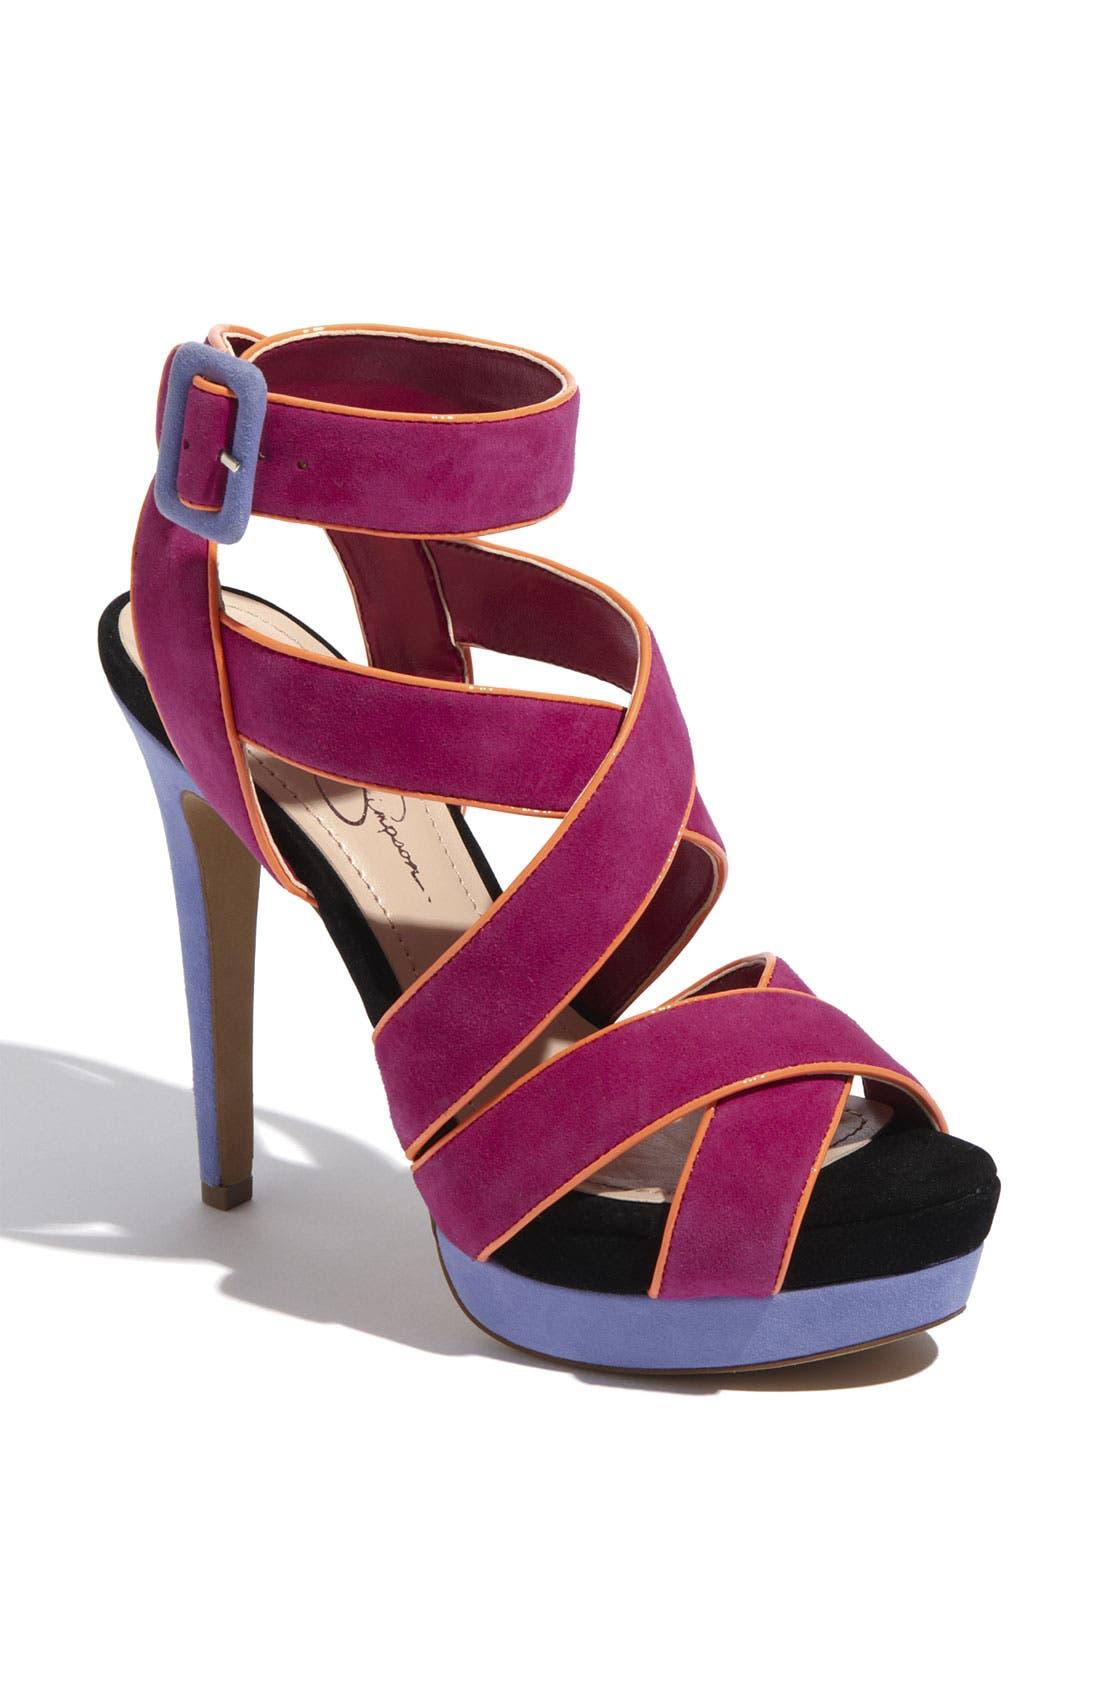 Alternate Image 1 Selected - Jessica Simpson 'Evangela' Sandal